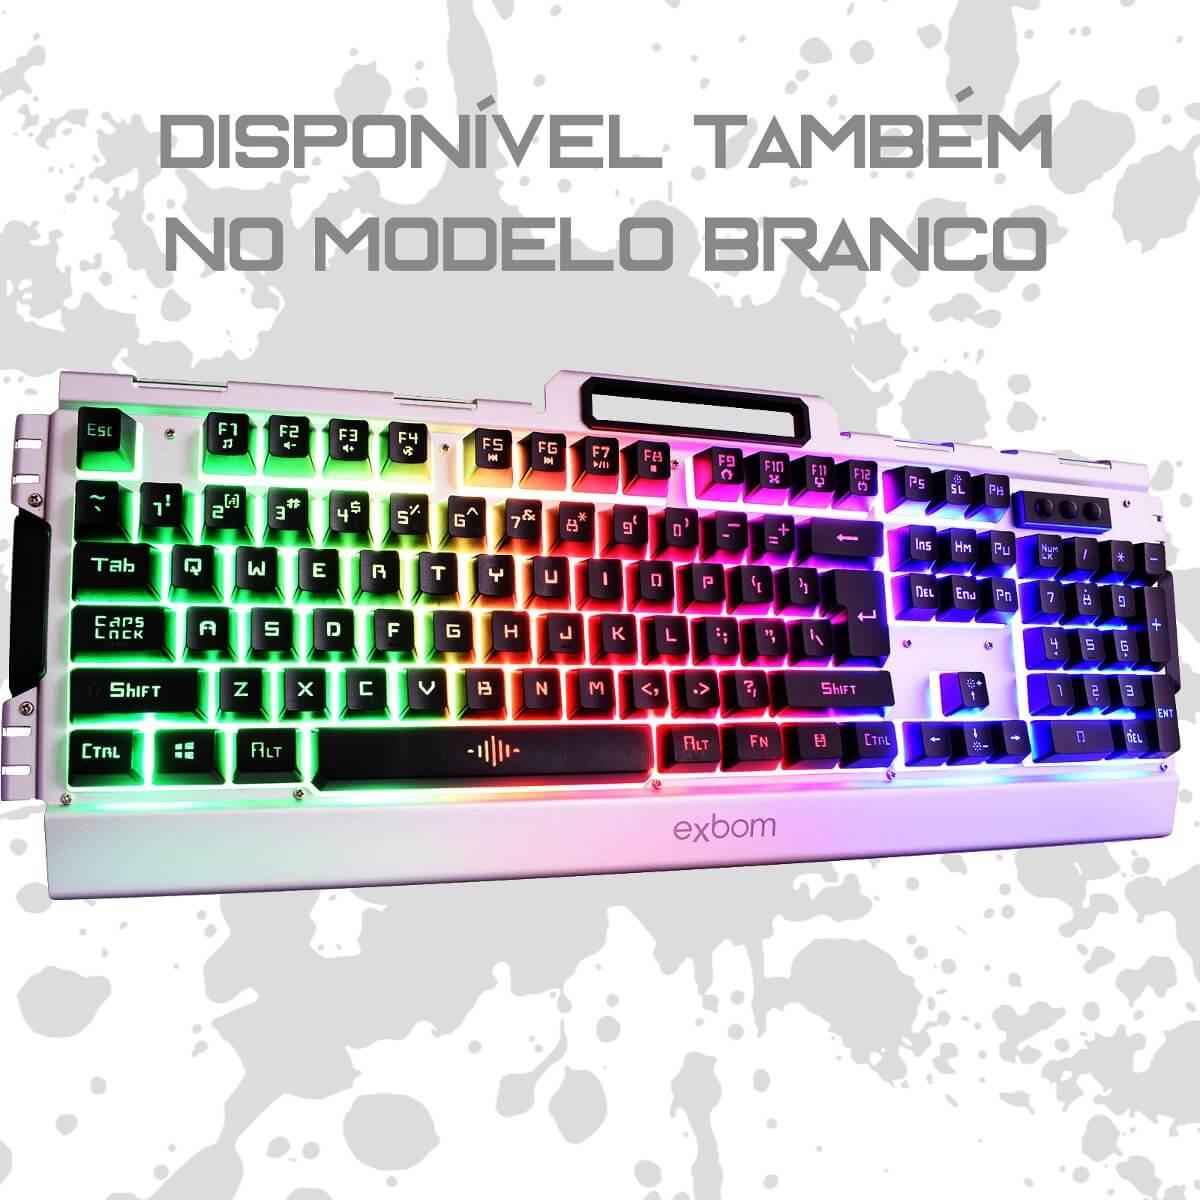 Kit Gamer Mouse e Teclado Semimecânico em Metal com Iluminação Led Exbom BK-G3000